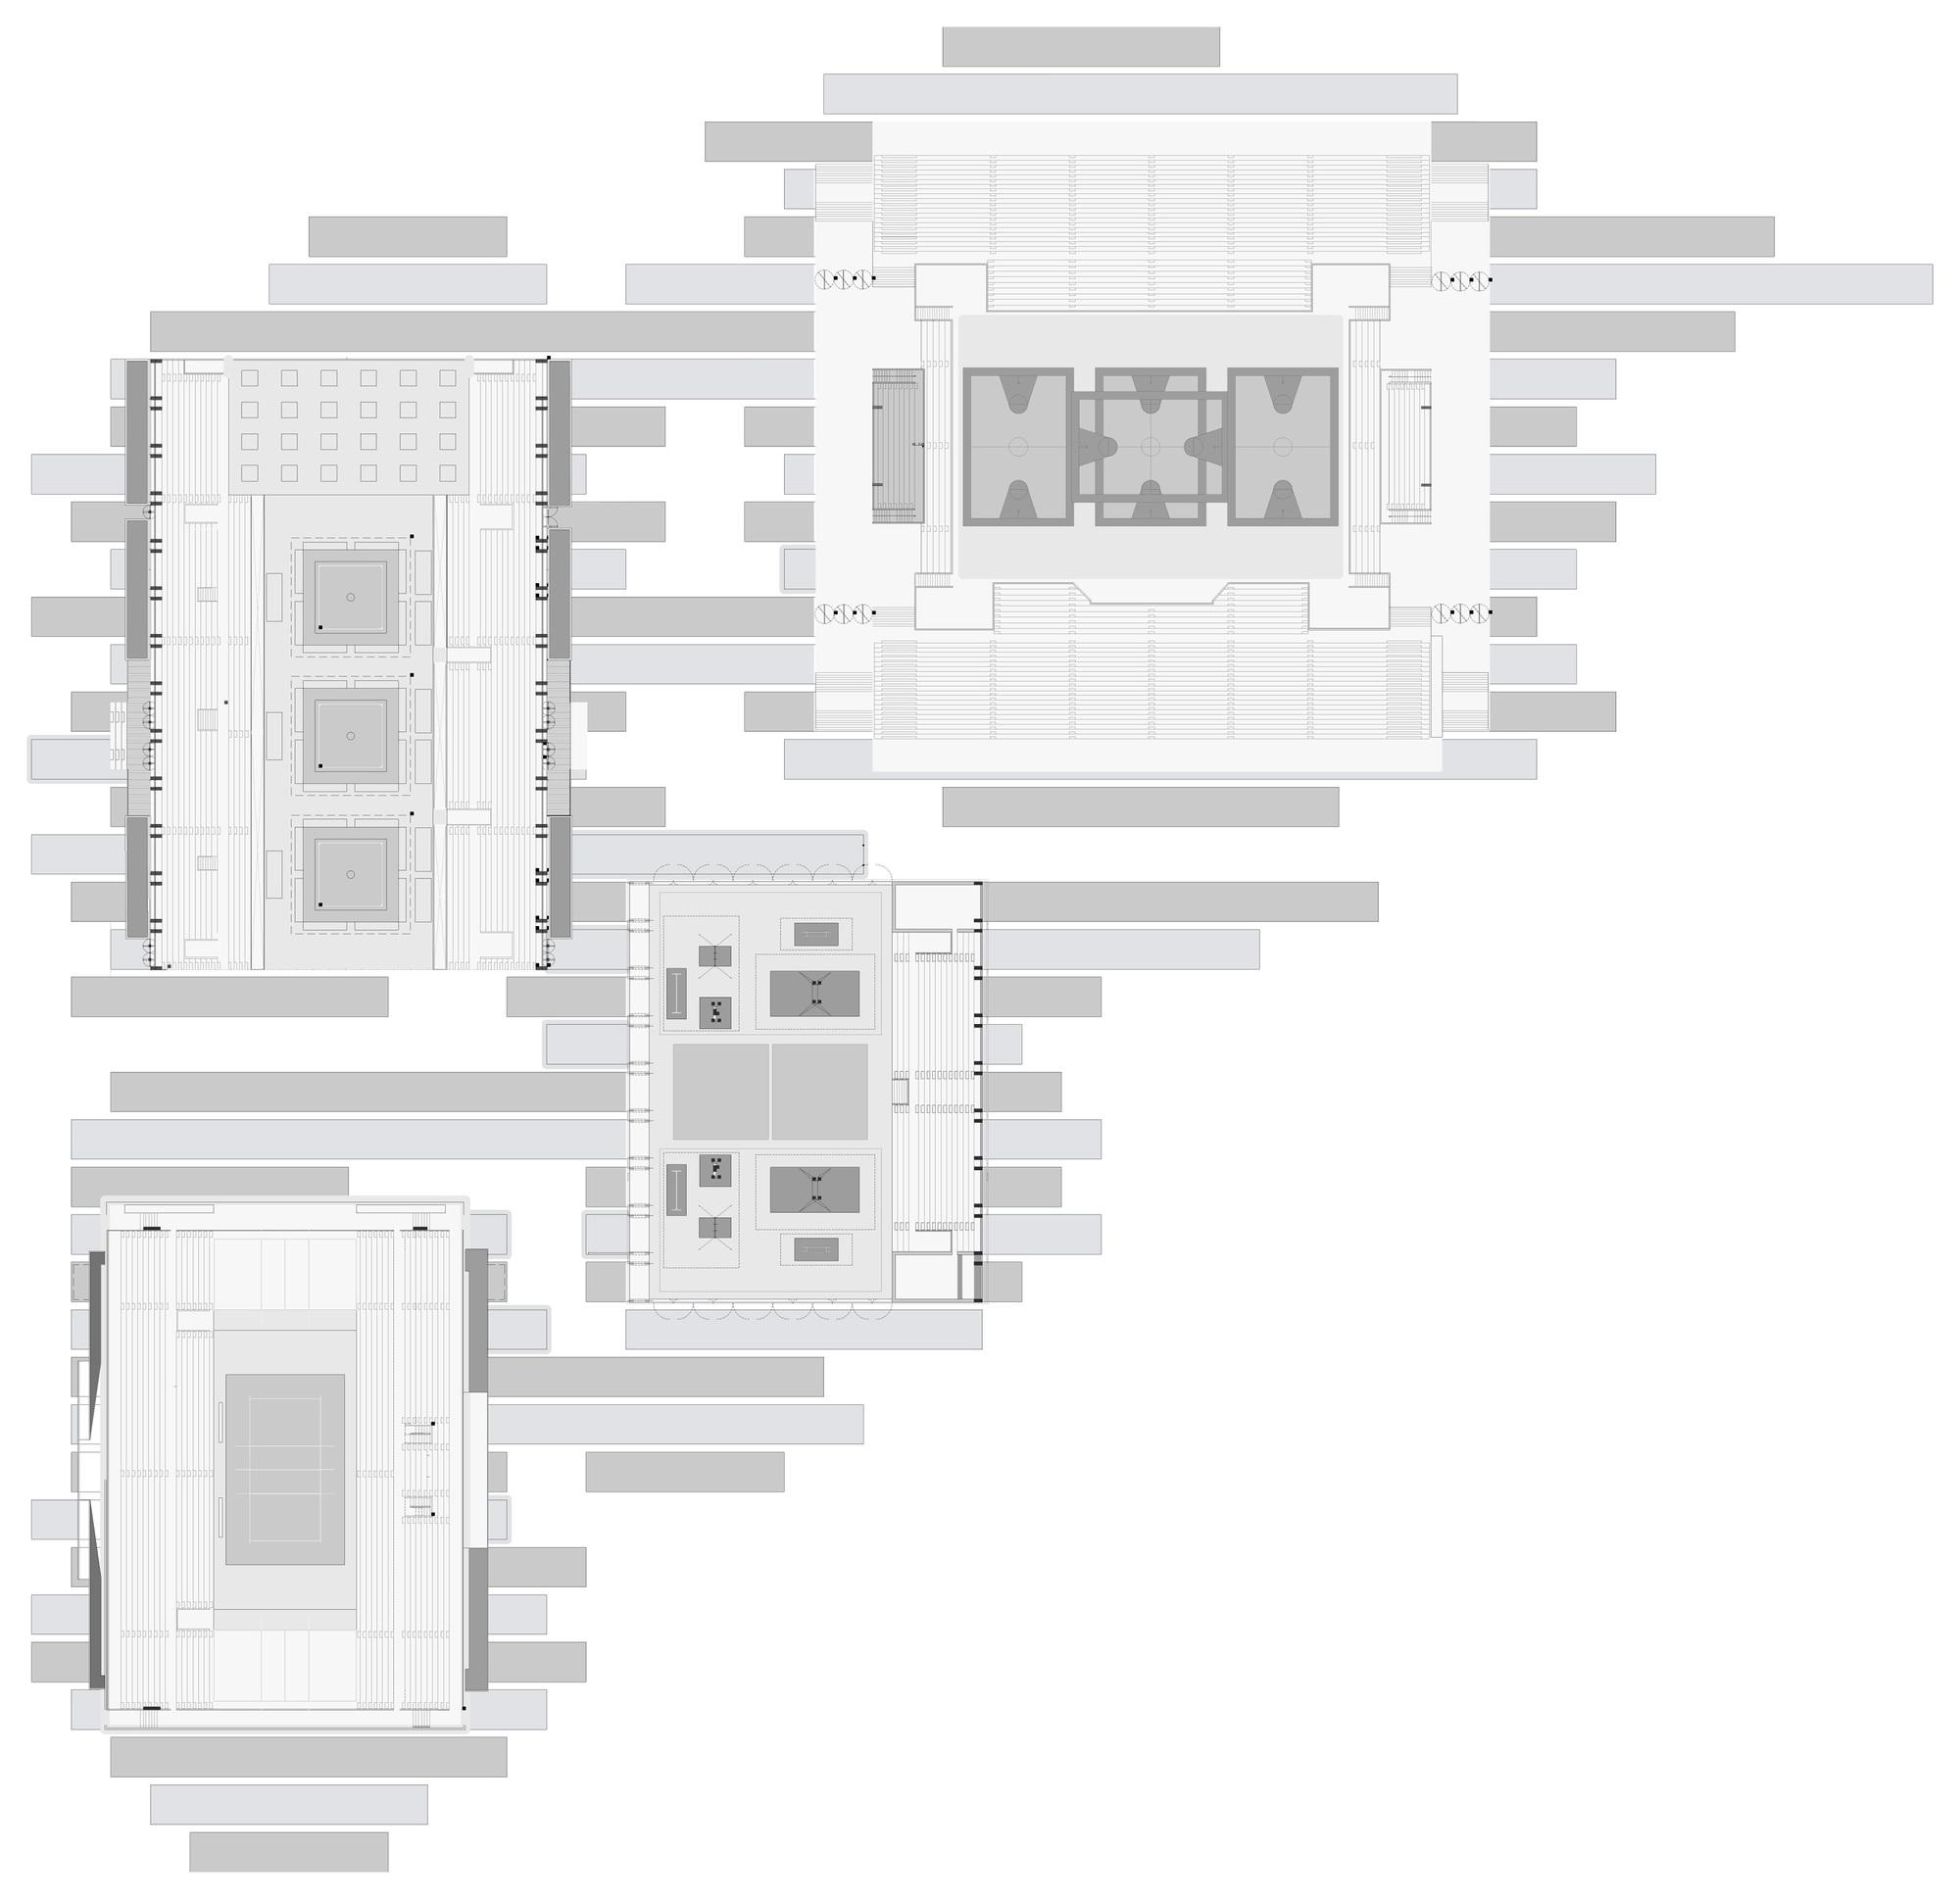 Galeria Arquitectonica: Galería De Escenarios Deportivos / Giancarlo Mazzanti